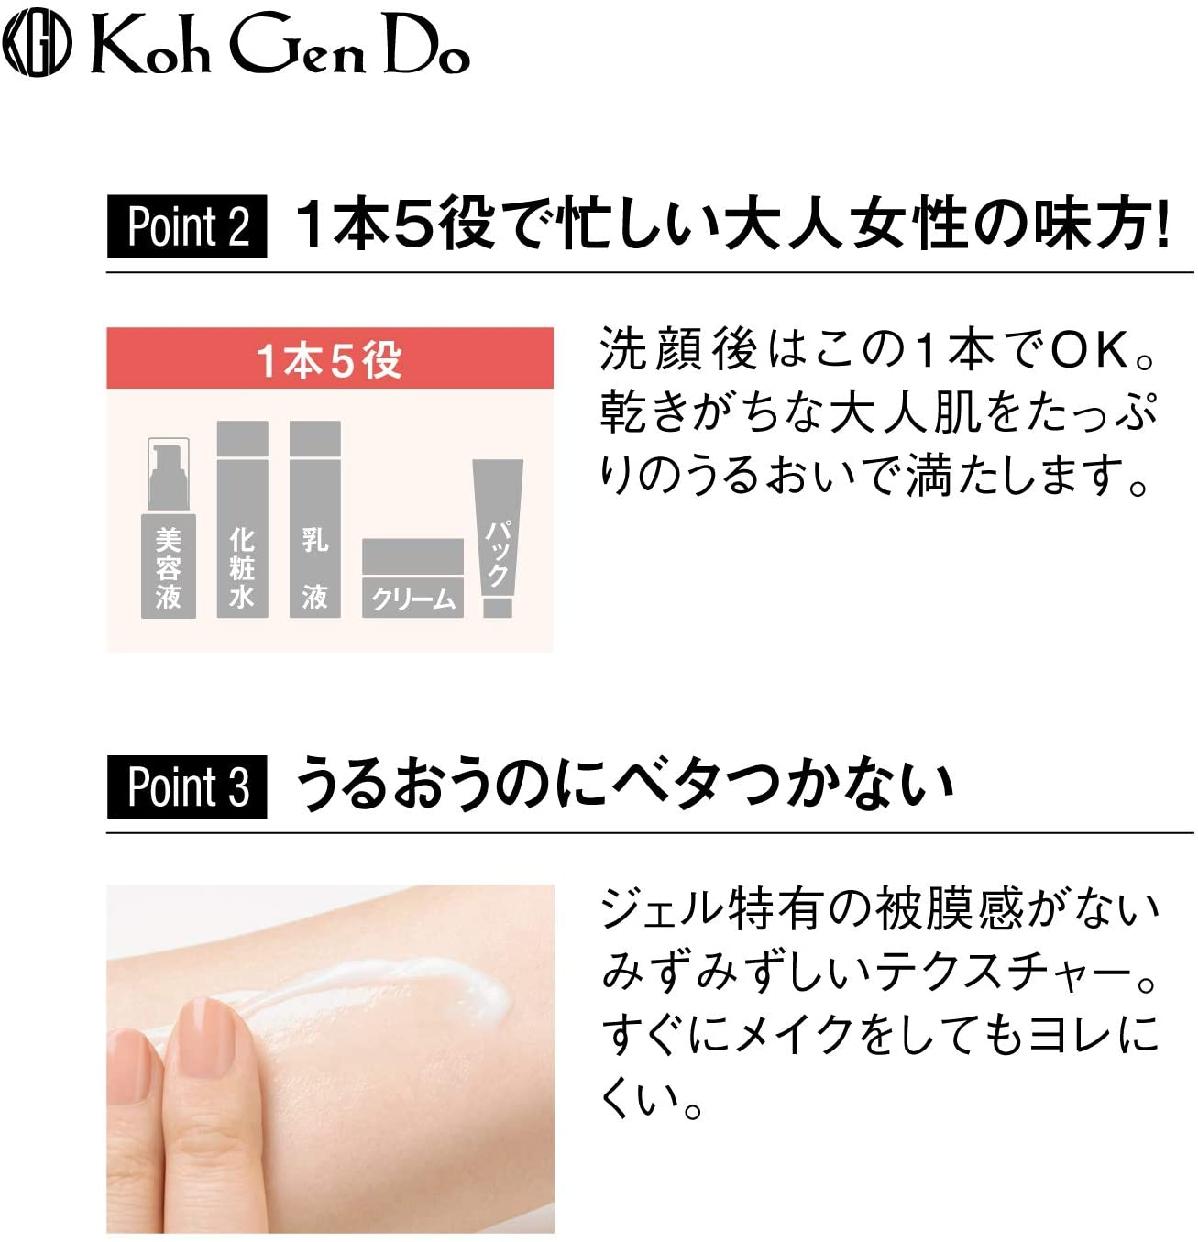 江原道(Koh Gen Do) オールインワン モイスチャー ジェルの商品画像10